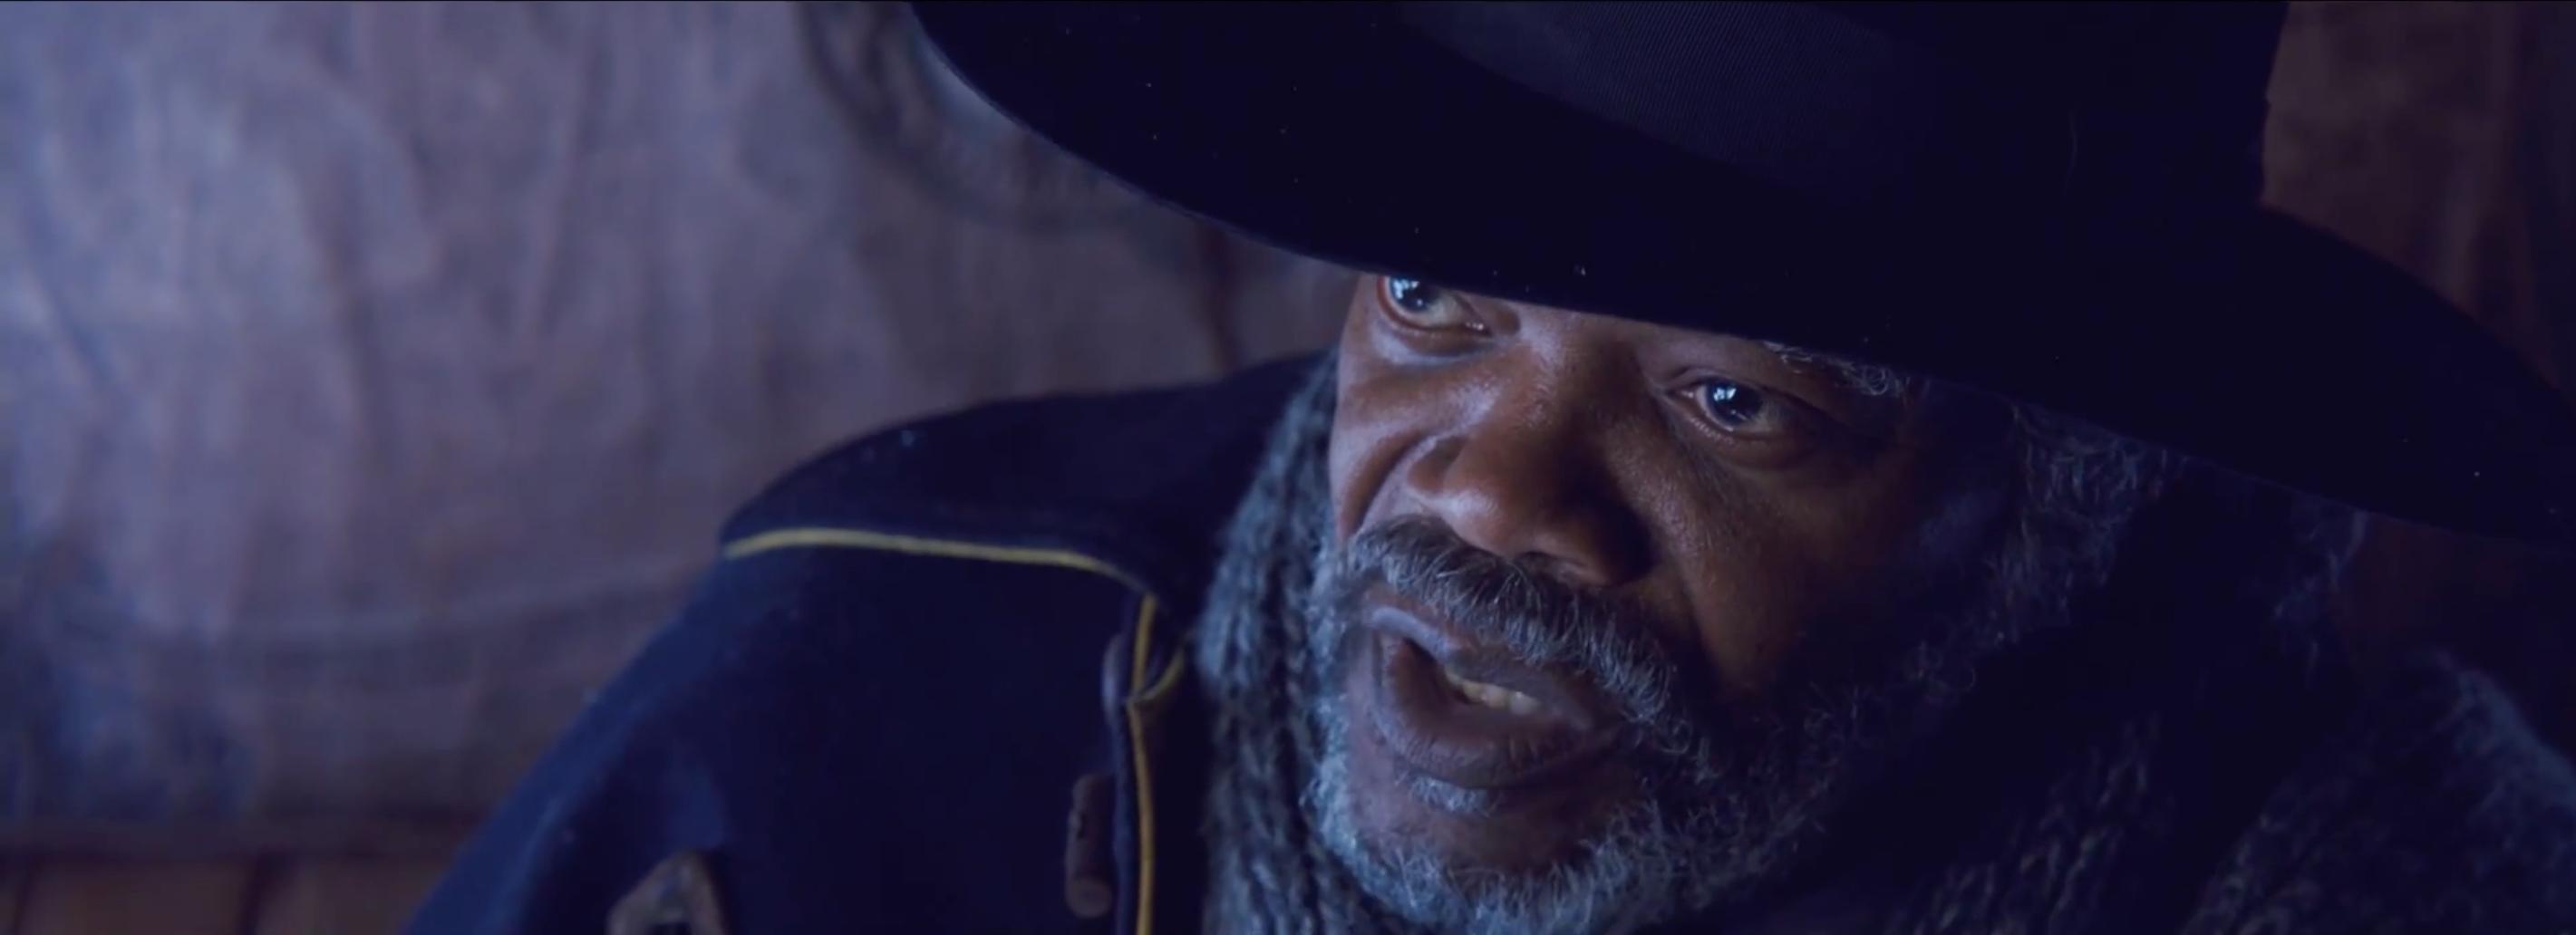 The Hateful Eight: Samuel L. Jackson in una scena del teaser trailer del film di Tarantino